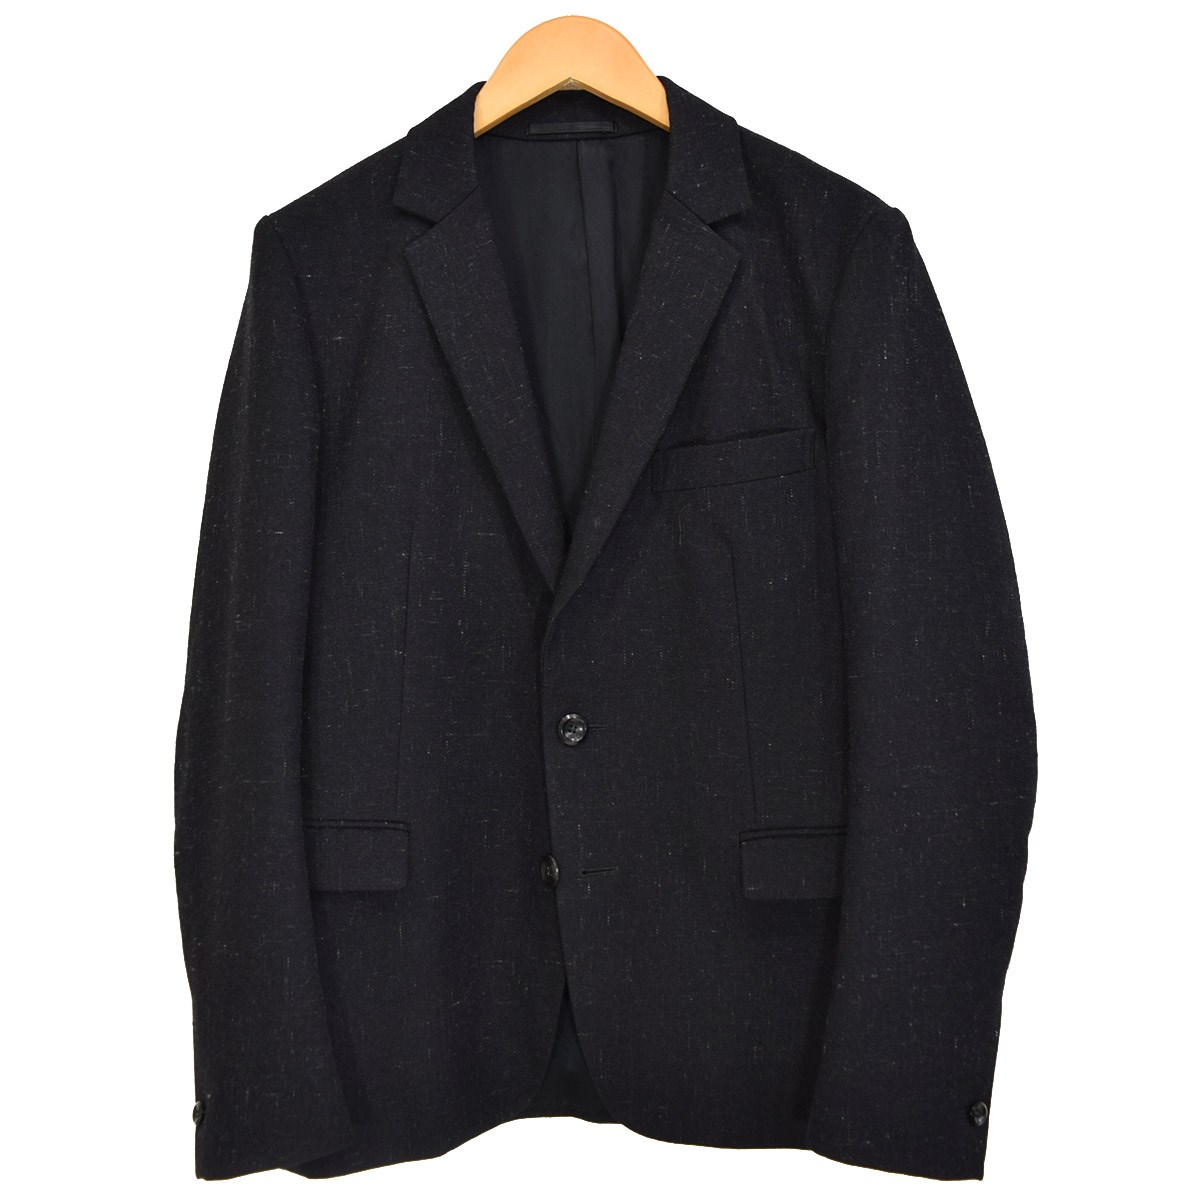 【中古】ATTACHMENT ヴィンテージネップウールサージ2Bジャケット AG52-210 ブラック サイズ:1 【270420】(アタッチメント)